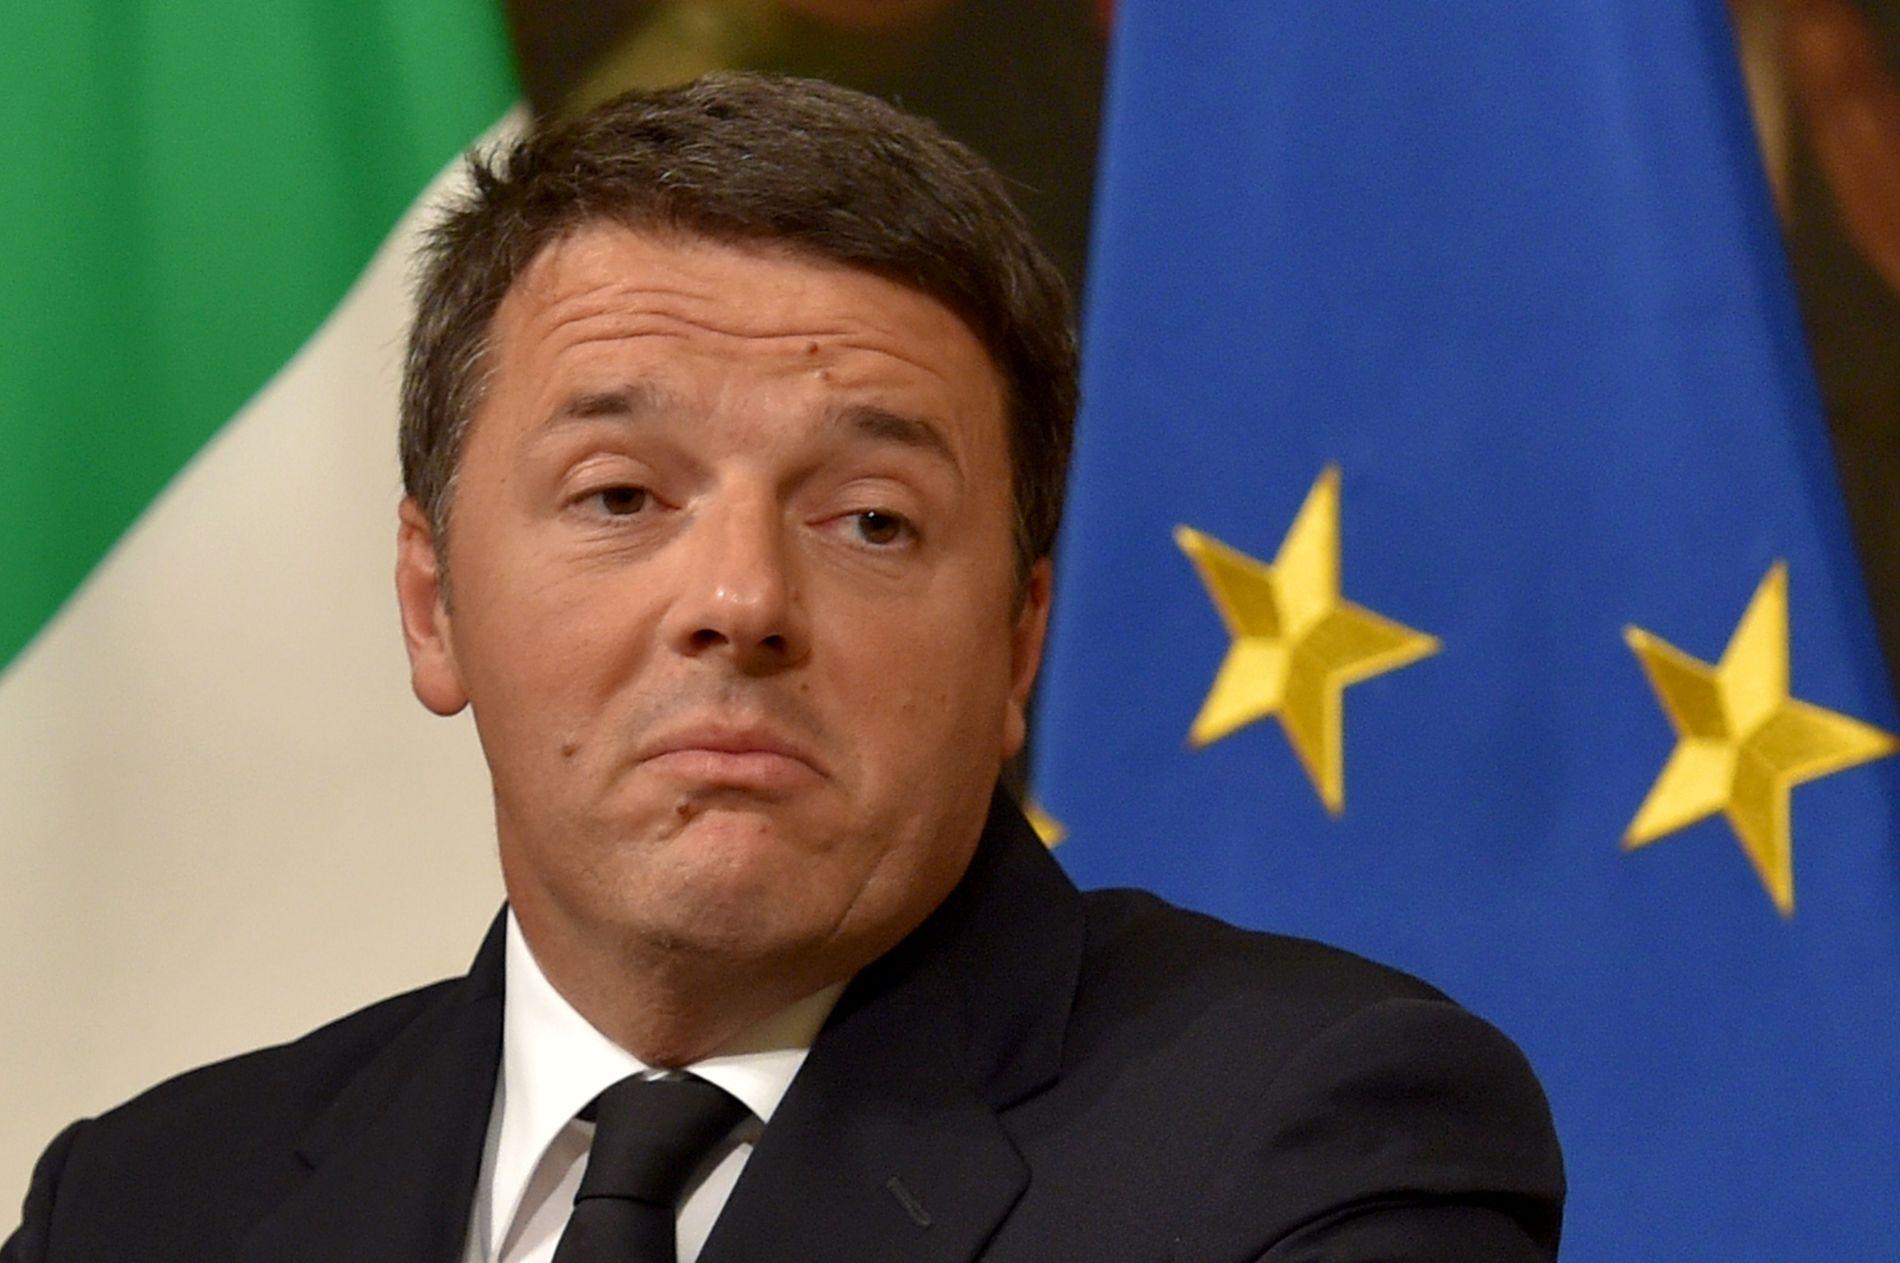 GÅR AV: Italias statsminister Matteo Renzi annonserer sin avgang etter å ha fått nei-flertall mot seg i folkeavstemningen om grunnlovsreformer søndag.